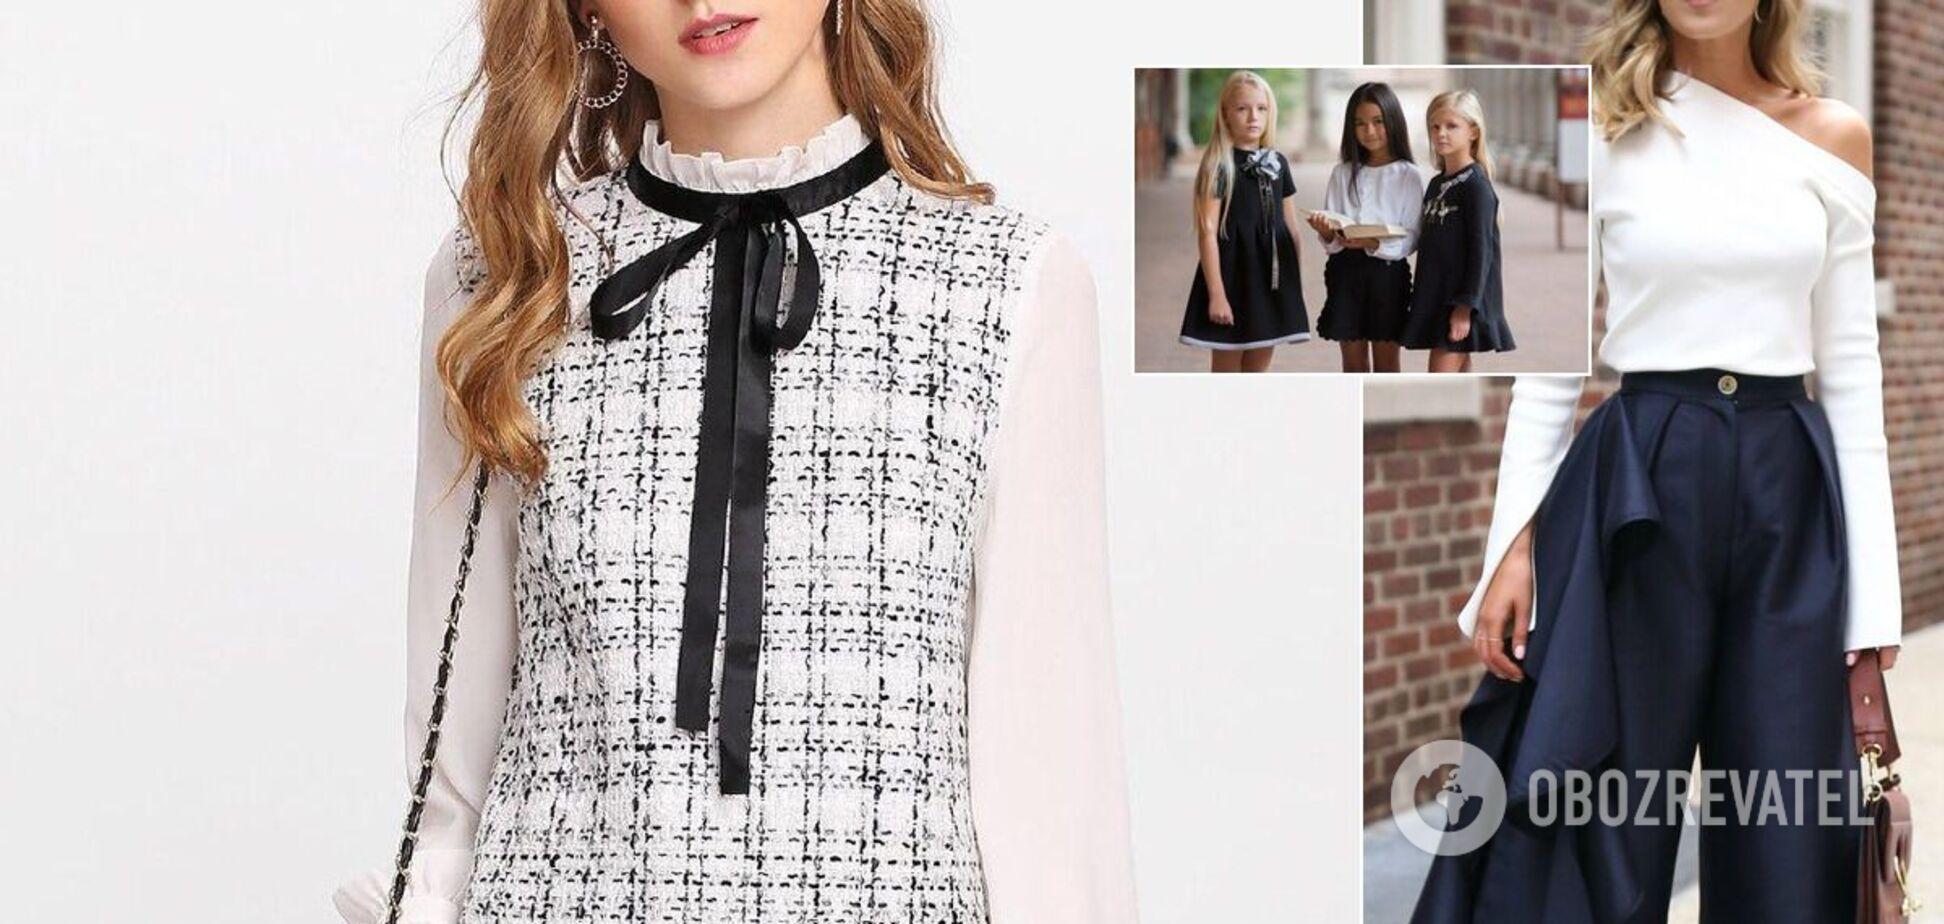 Как модно одеться в школу: 8 крутых образов для детей и подростков. Фото